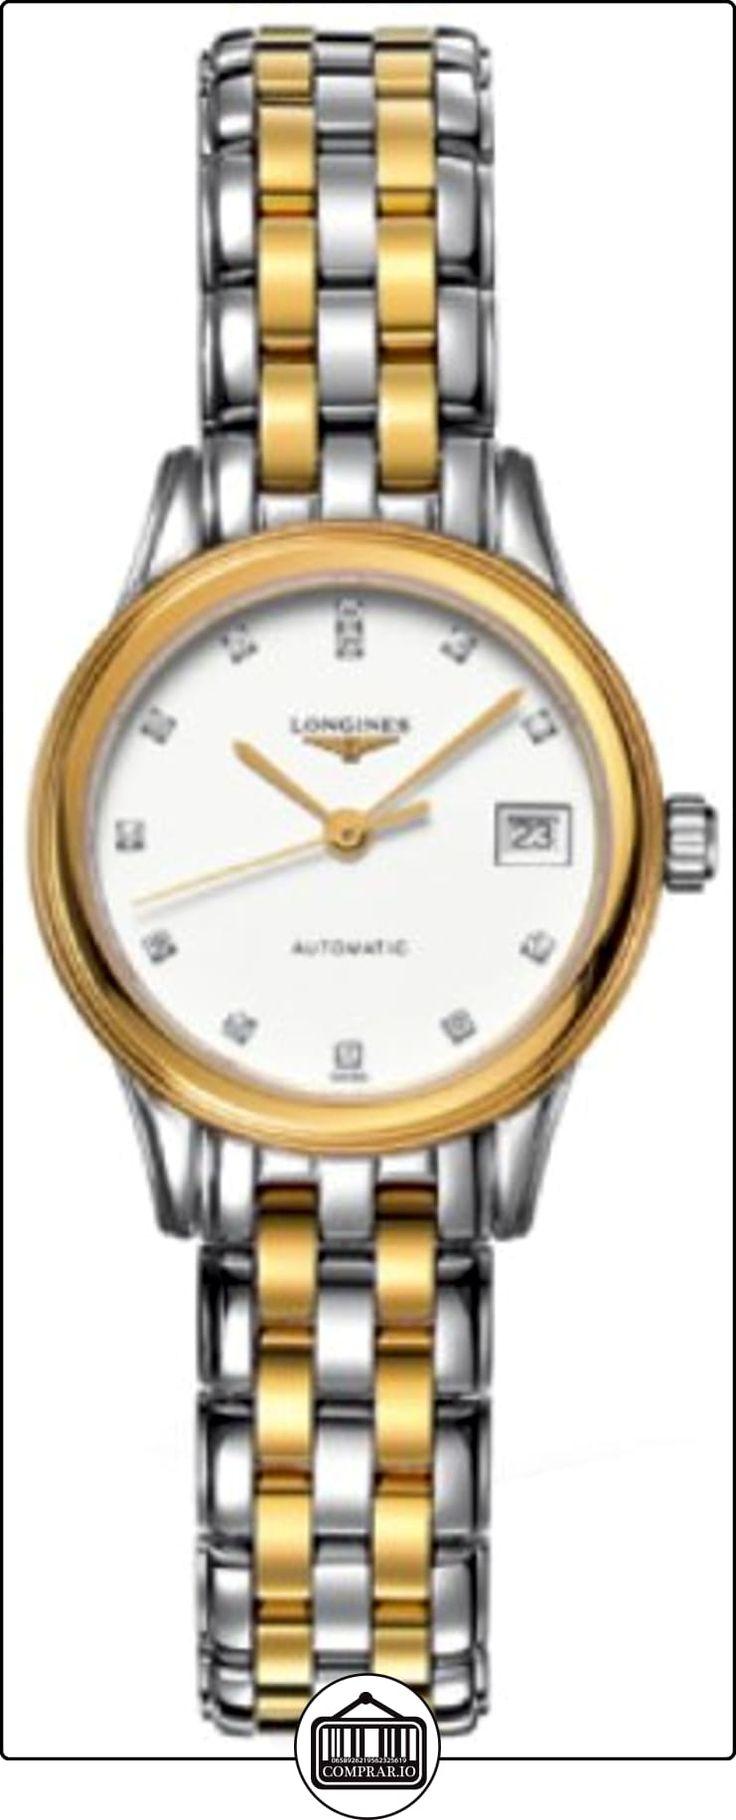 Longines Les Grandes Classiques buque insignia de las señoras reloj 42743277  ✿ Relojes para mujer - (Lujo) ✿